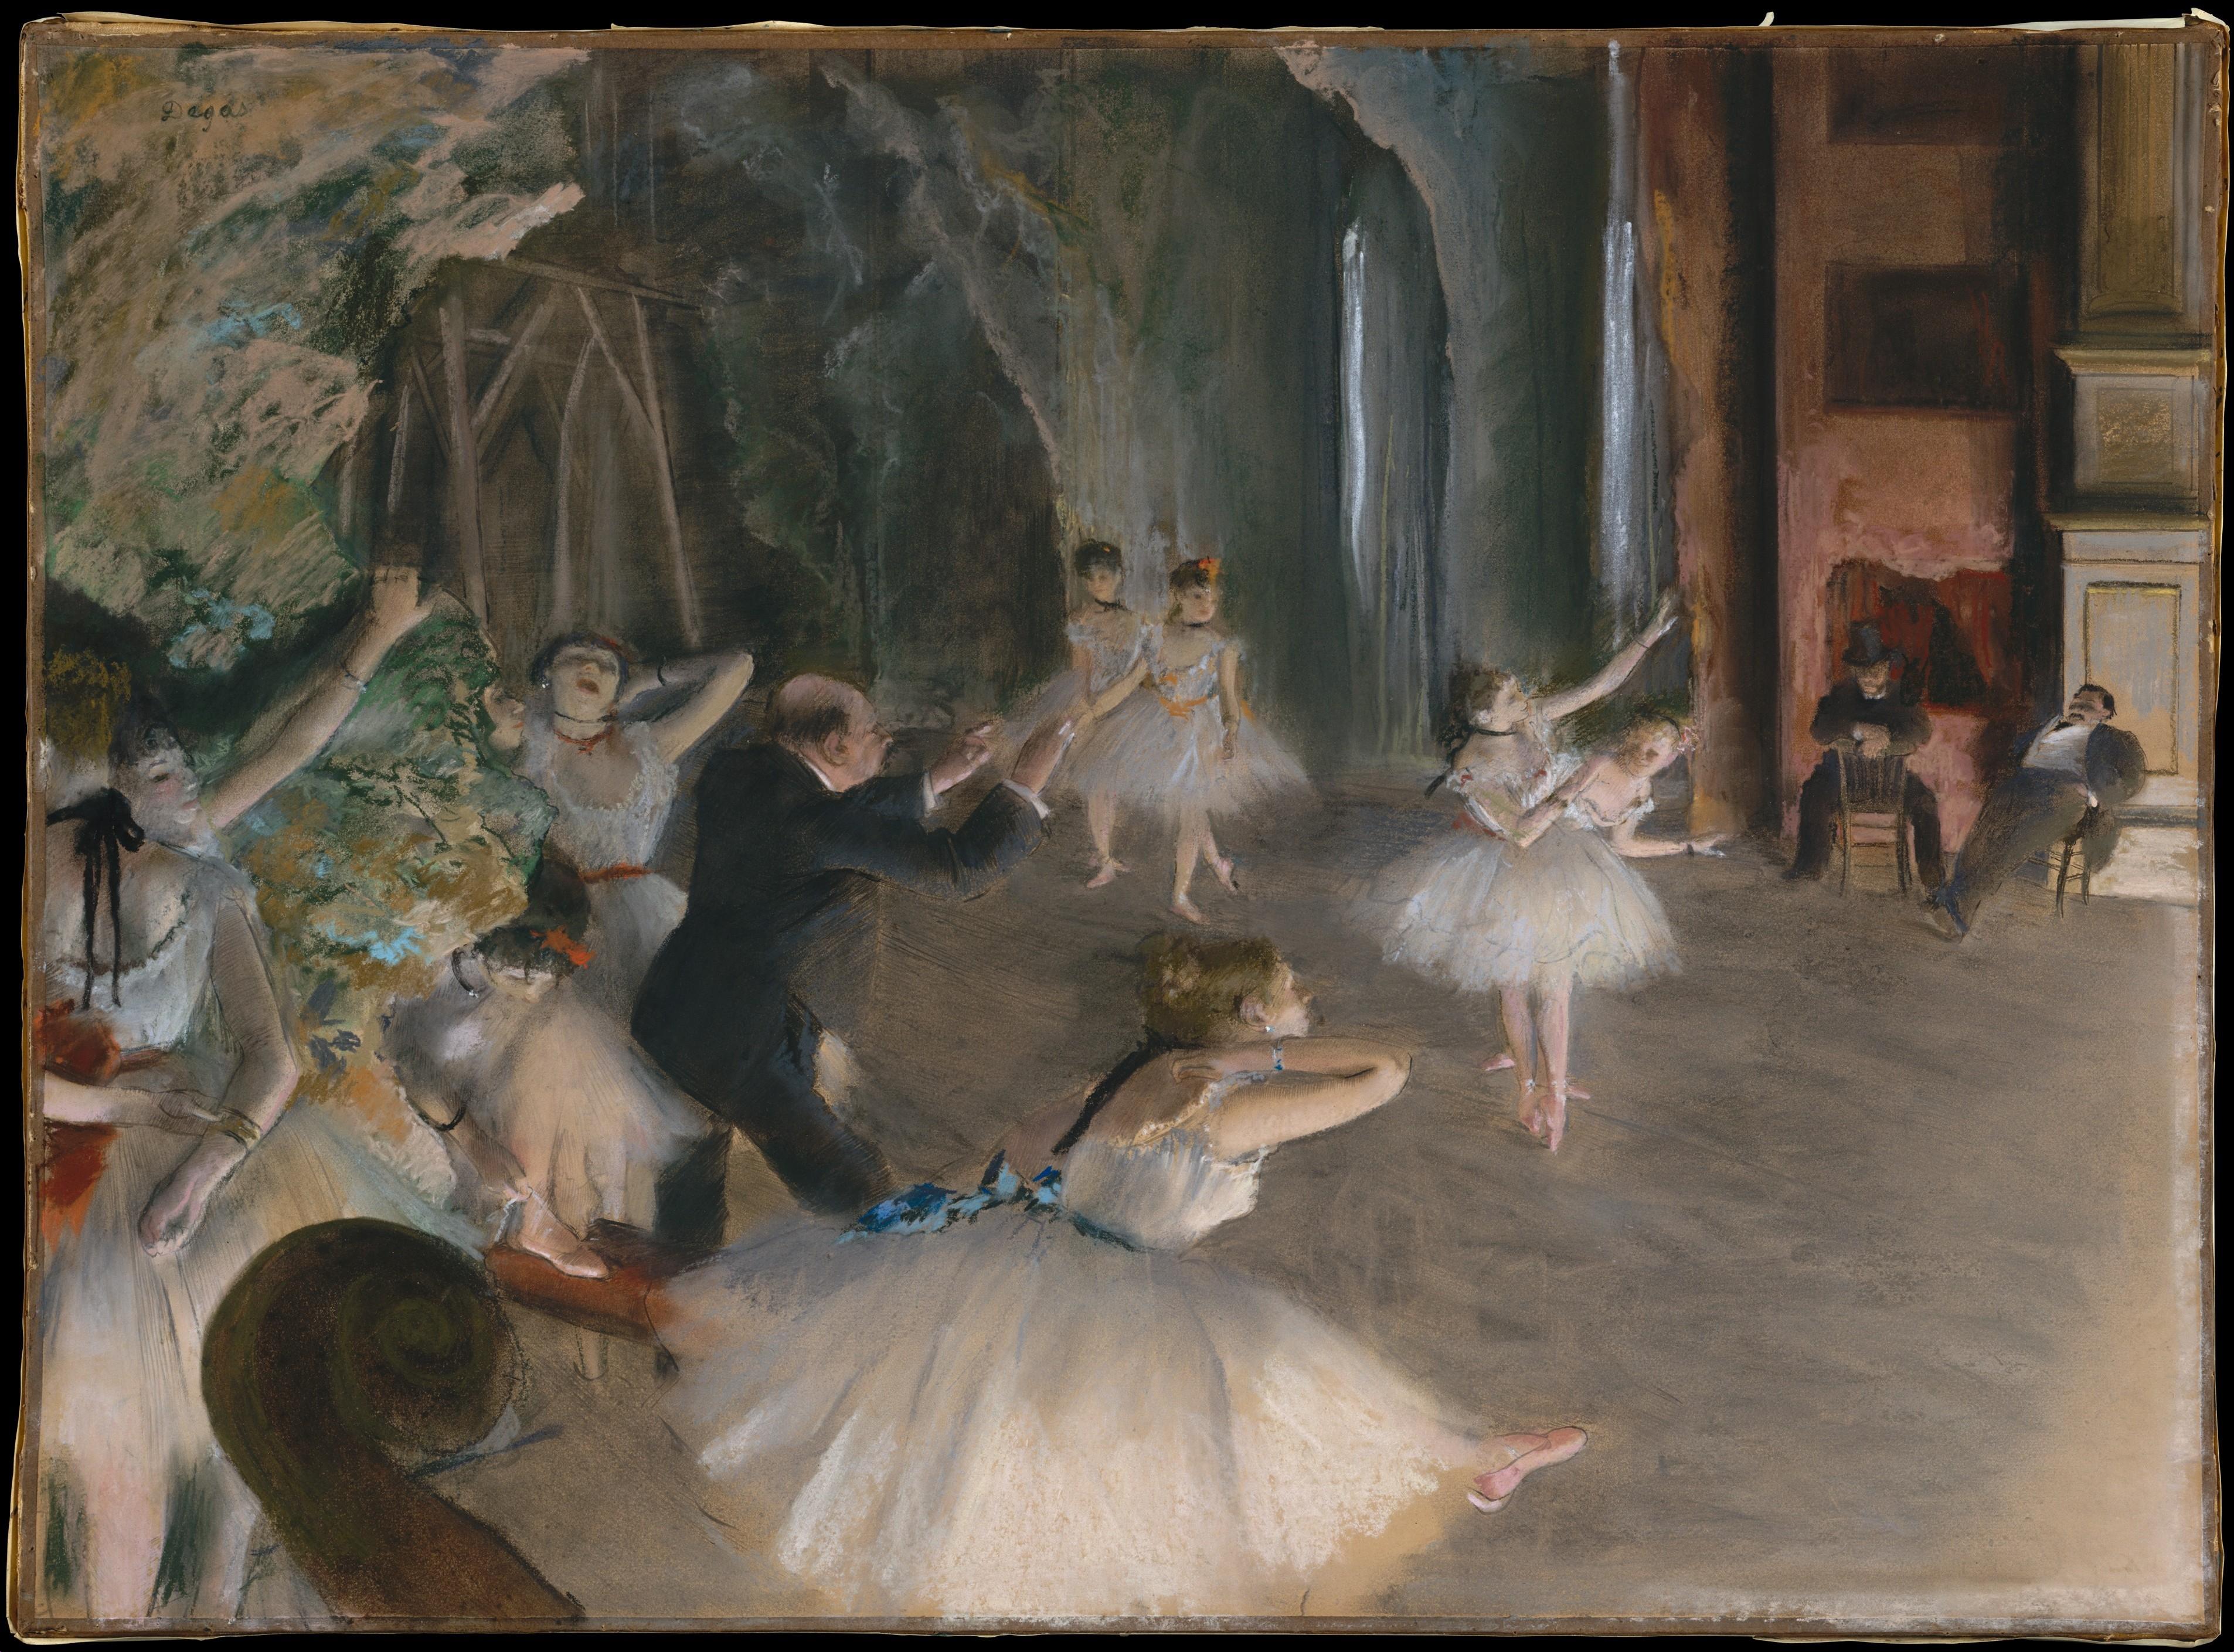 pintar-paisajes-impresionismo-Degas-ensayo-ballet